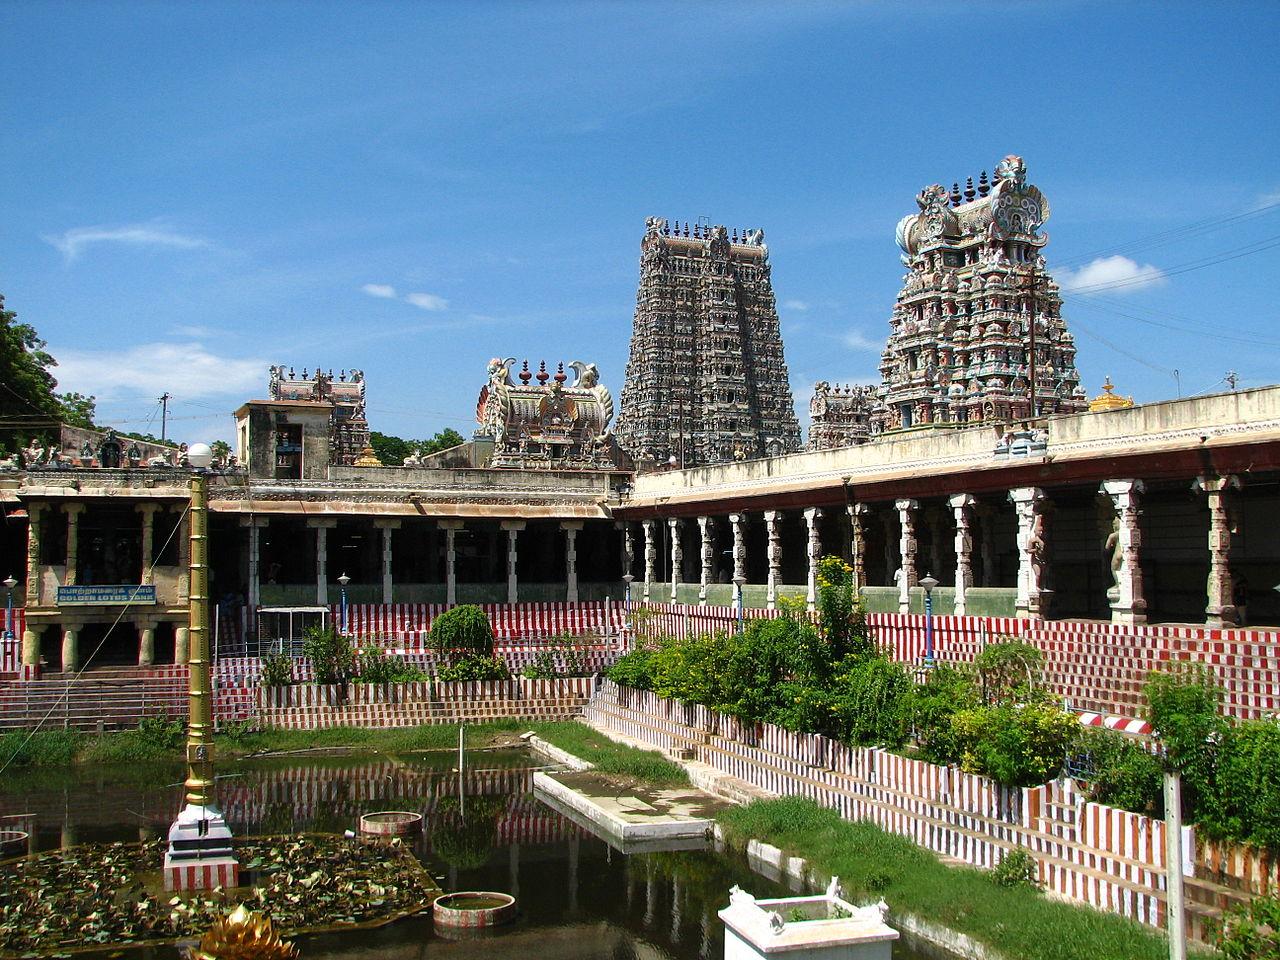 Best Historical Place In Tamil Nadu-Meenakshi Amman Temple, Madurai